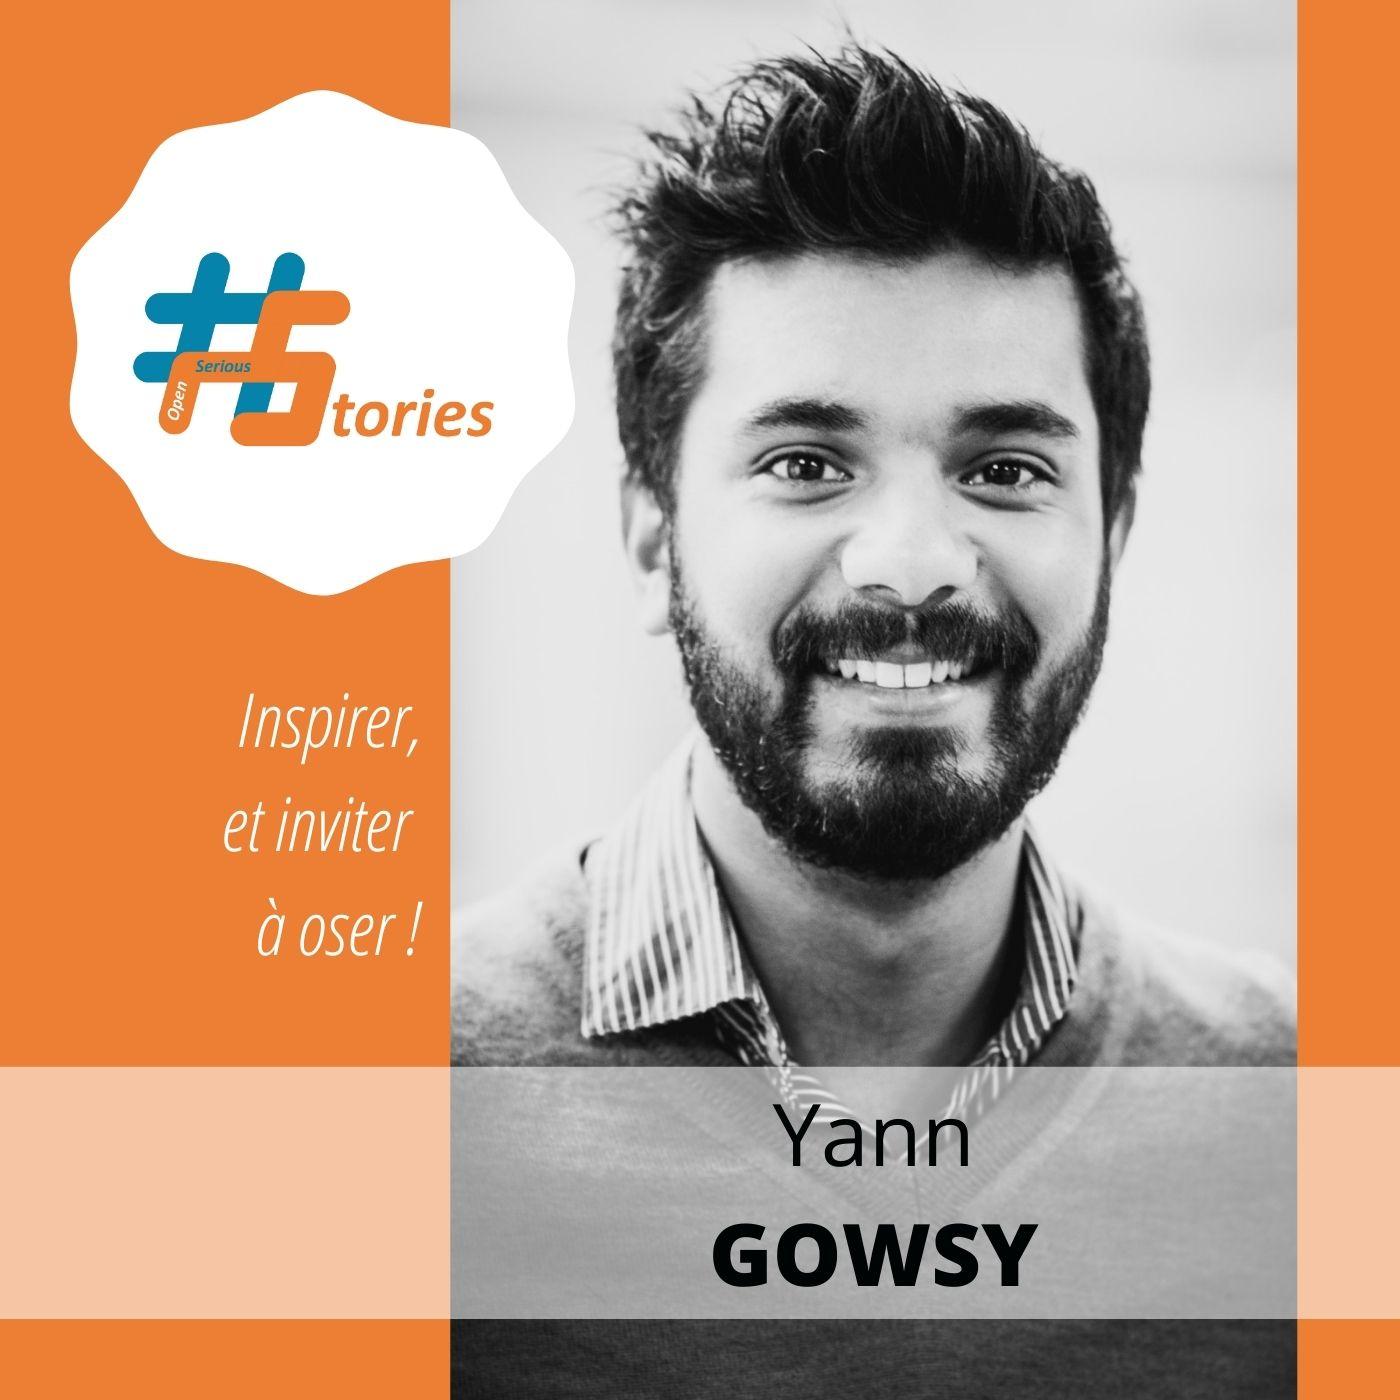 Le retour d'expérience d'un #OSG method designer : Yann Gowsy [Podcast – 8 min]